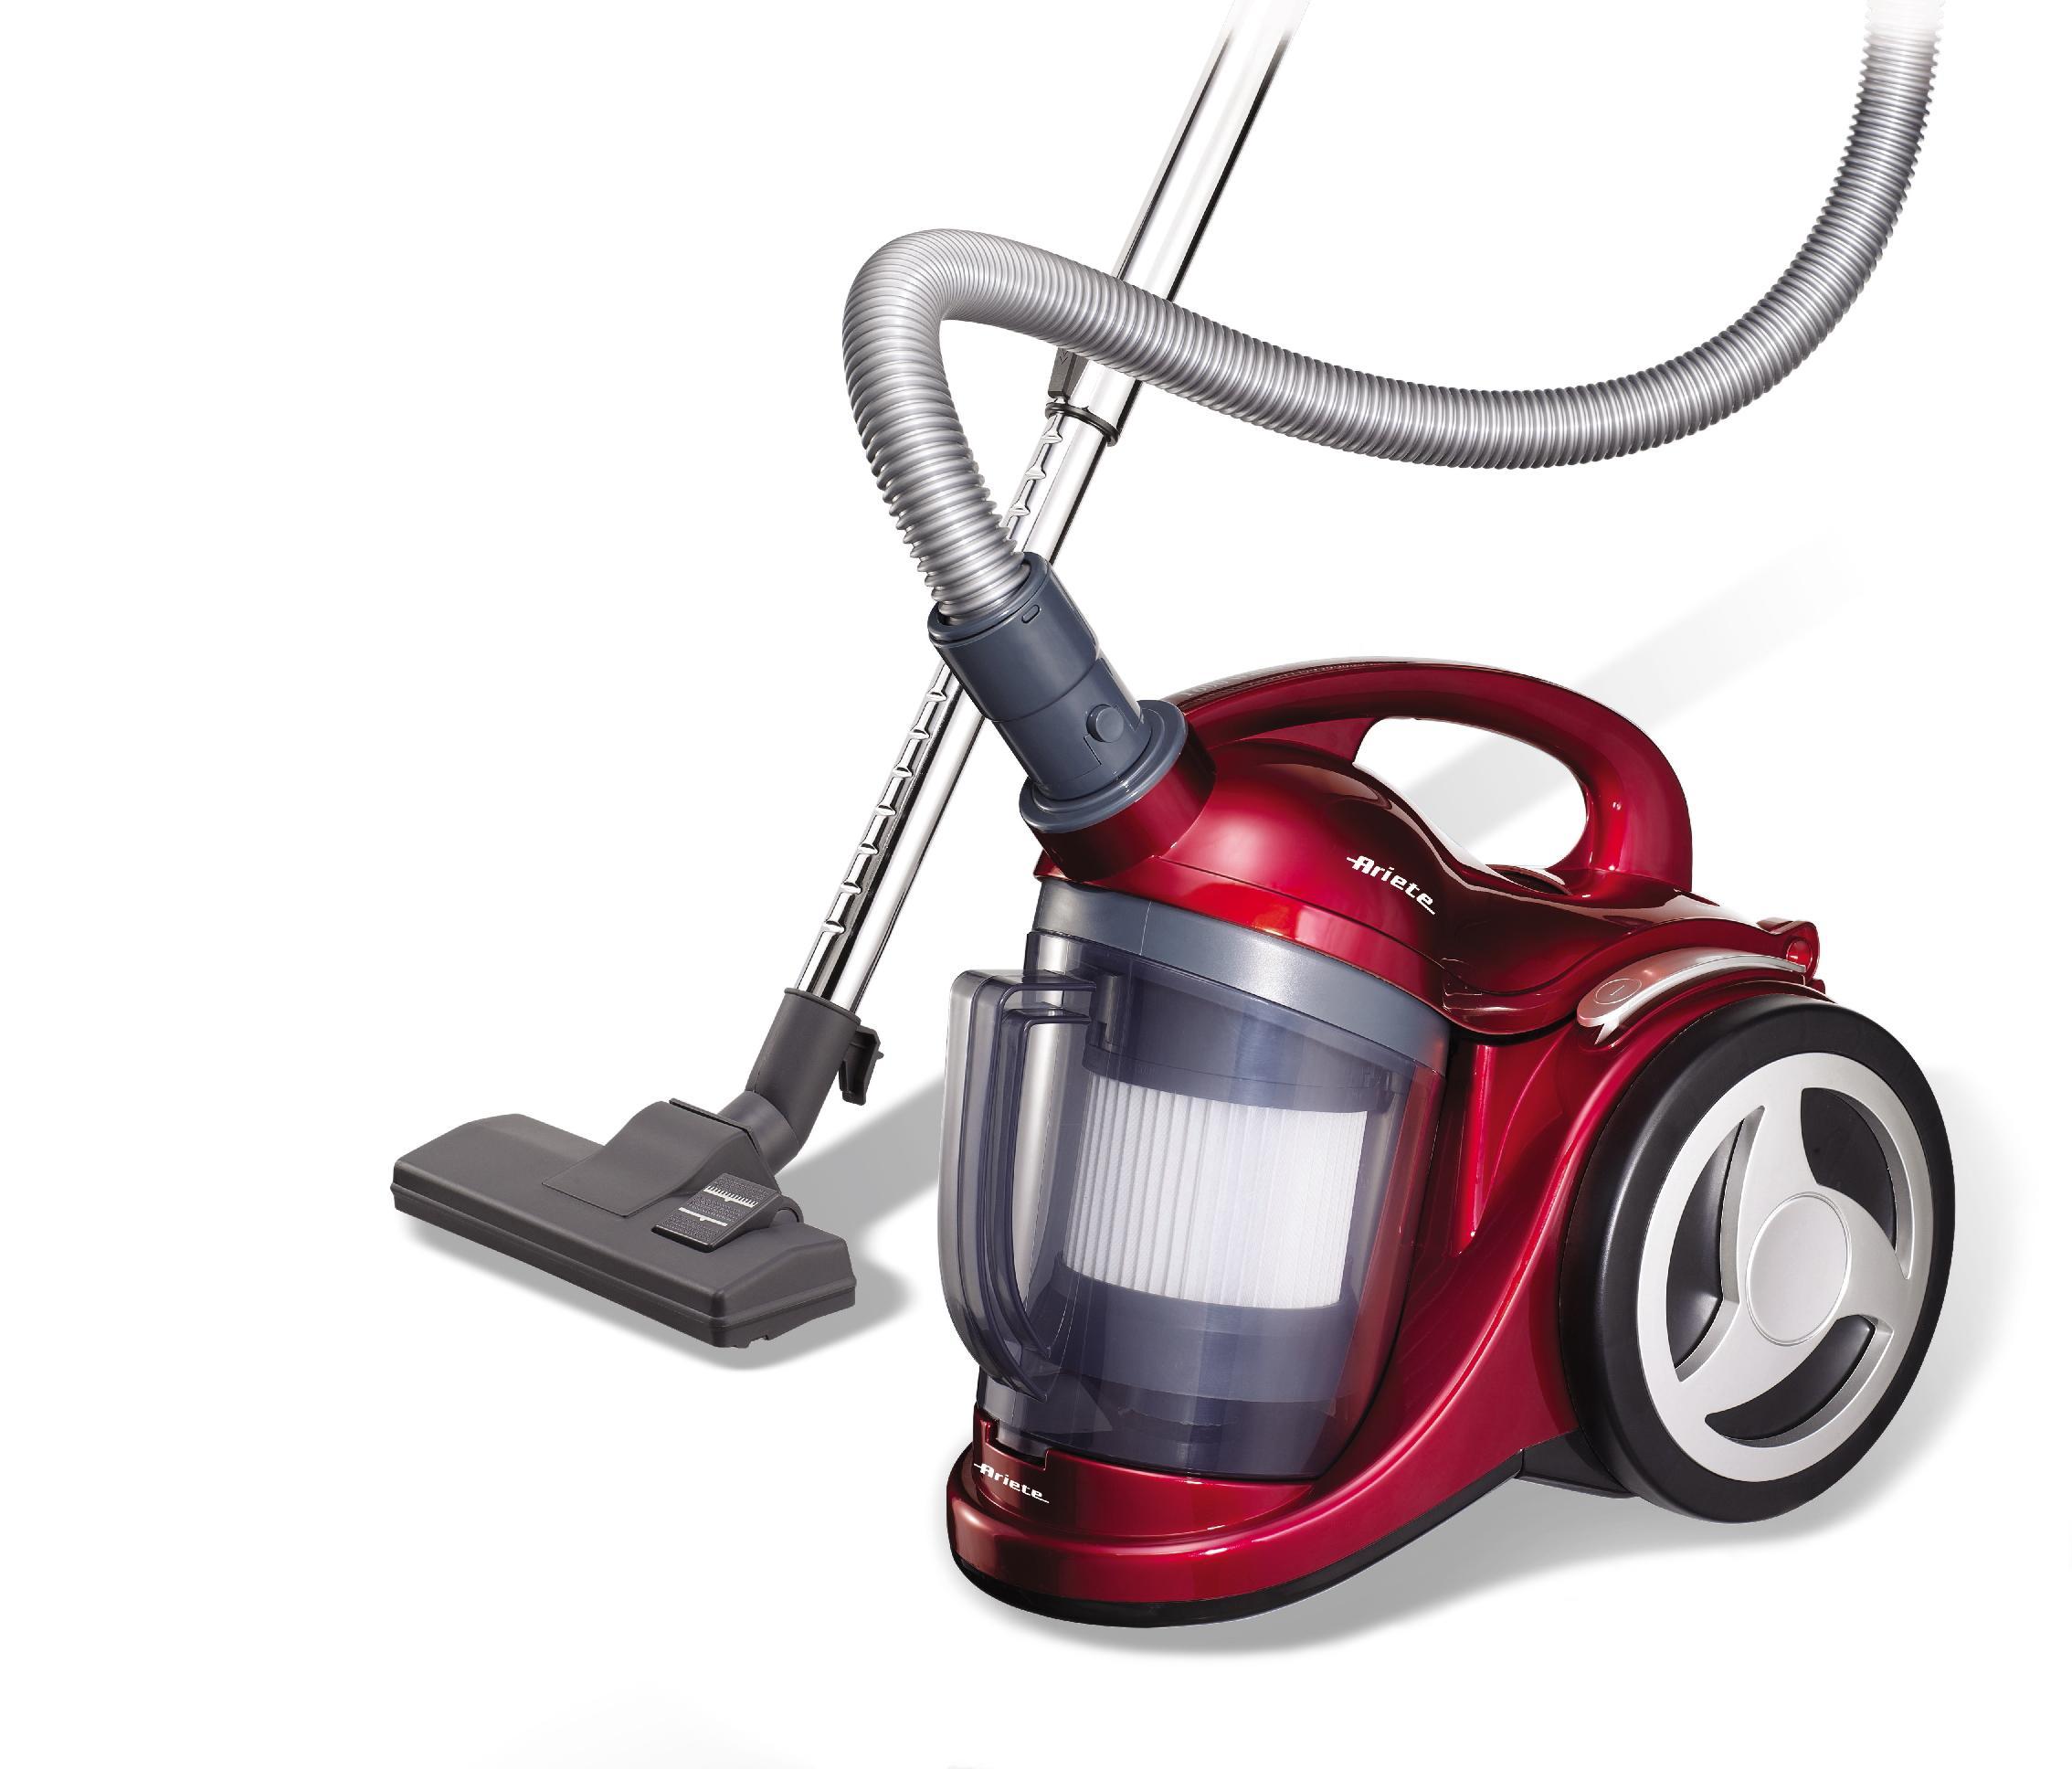 Vacuum Cleaner (Image 8 of 10)